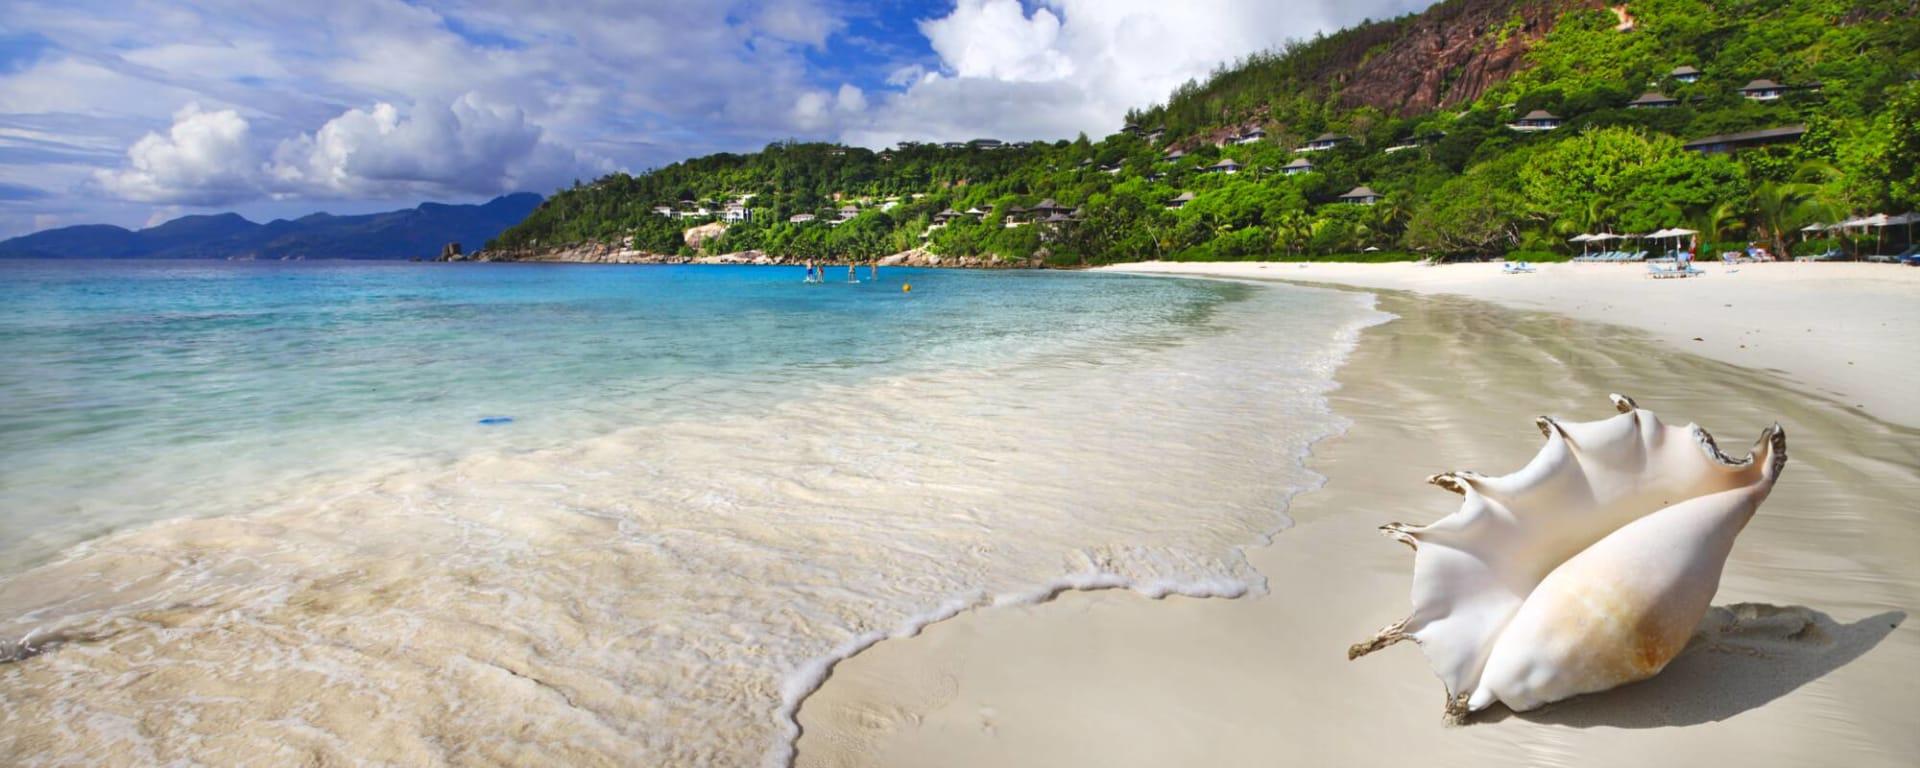 Seychellen entdecken mit Tischler Reisen: Seychellen Muschel am Strand